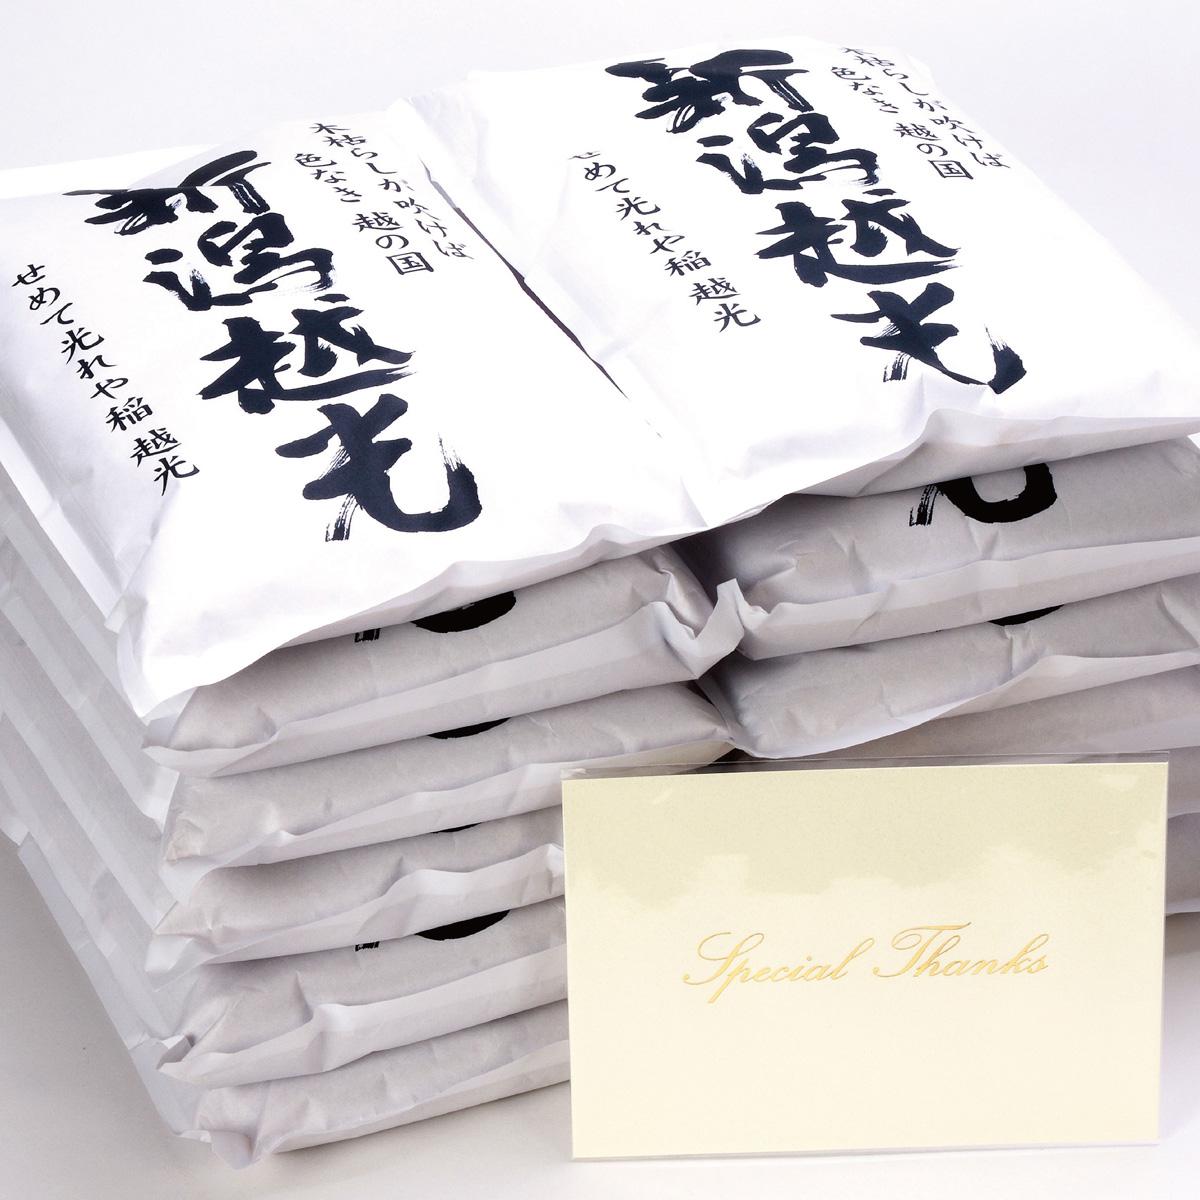 お米一年分 ギフト 新潟産コシヒカリ(3kgハガキ×12枚) 送料無料 お米 1年分 結婚祝い 還暦祝い 引越祝い 出産内祝い お歳暮 内祝い お返し 【沖縄県へのお届けはできません】